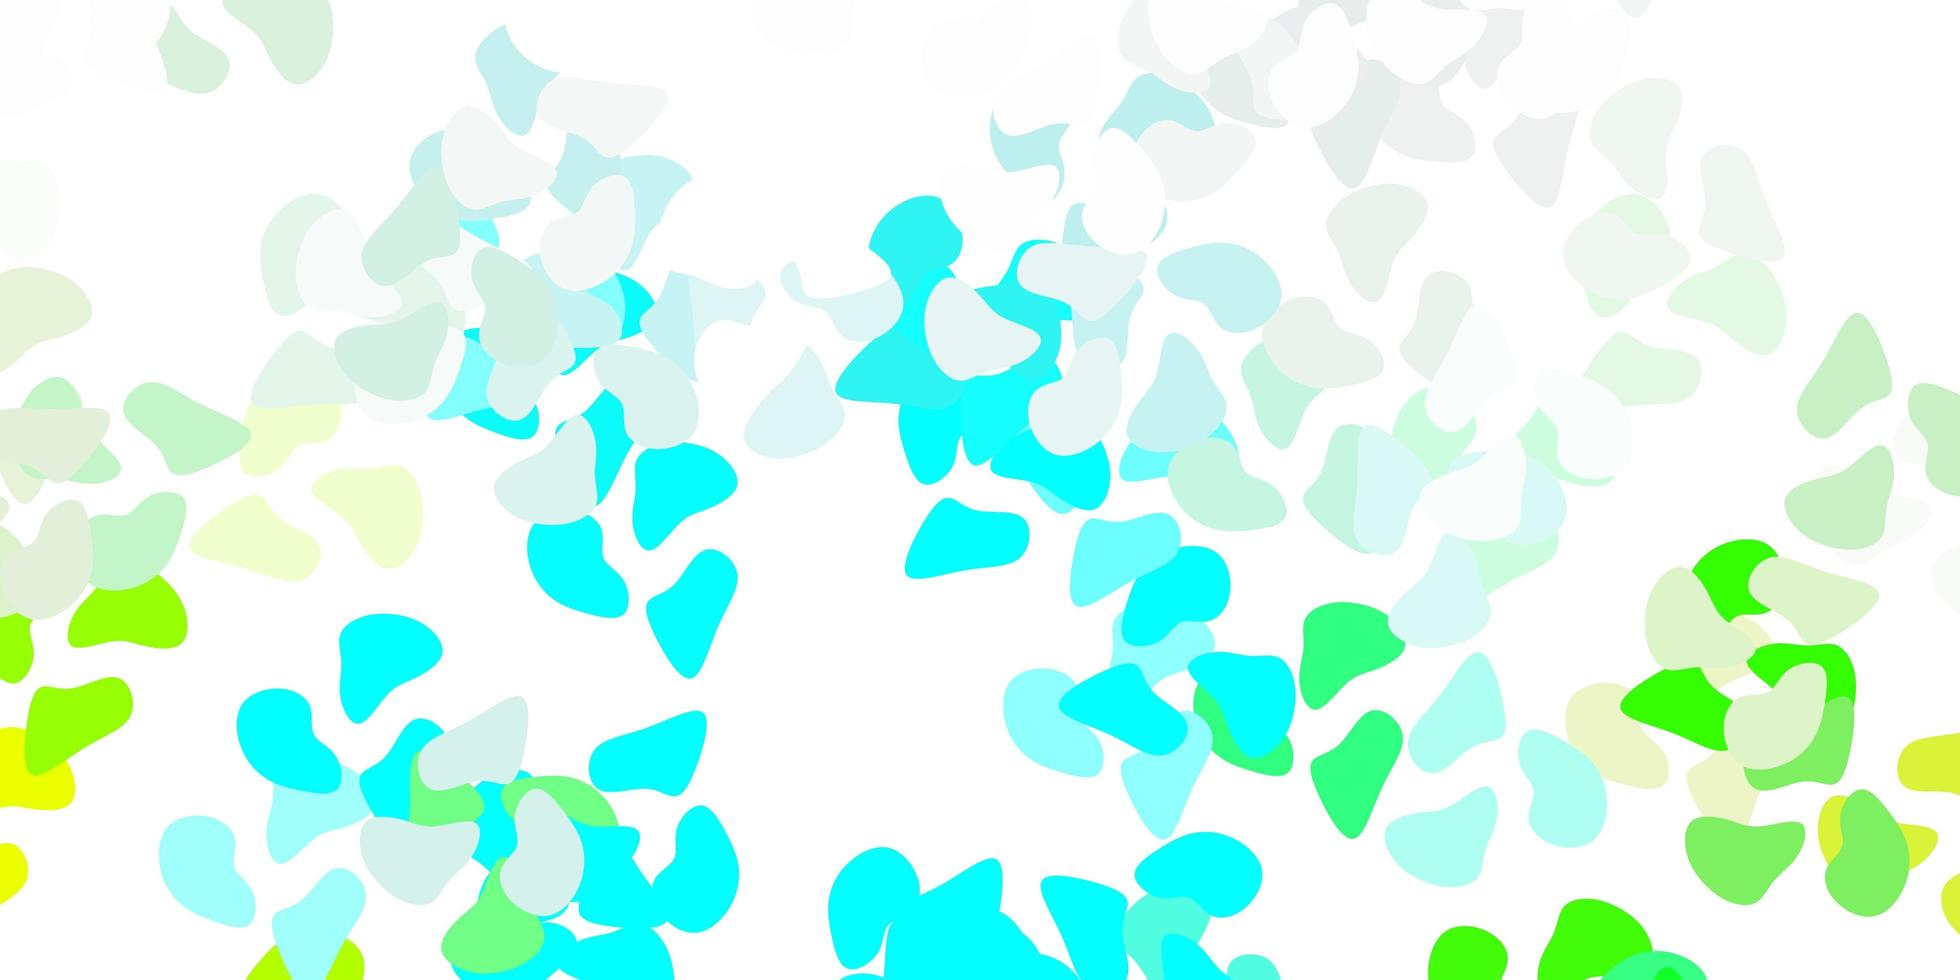 modèle vectoriel bleu clair, vert avec des formes abstraites.